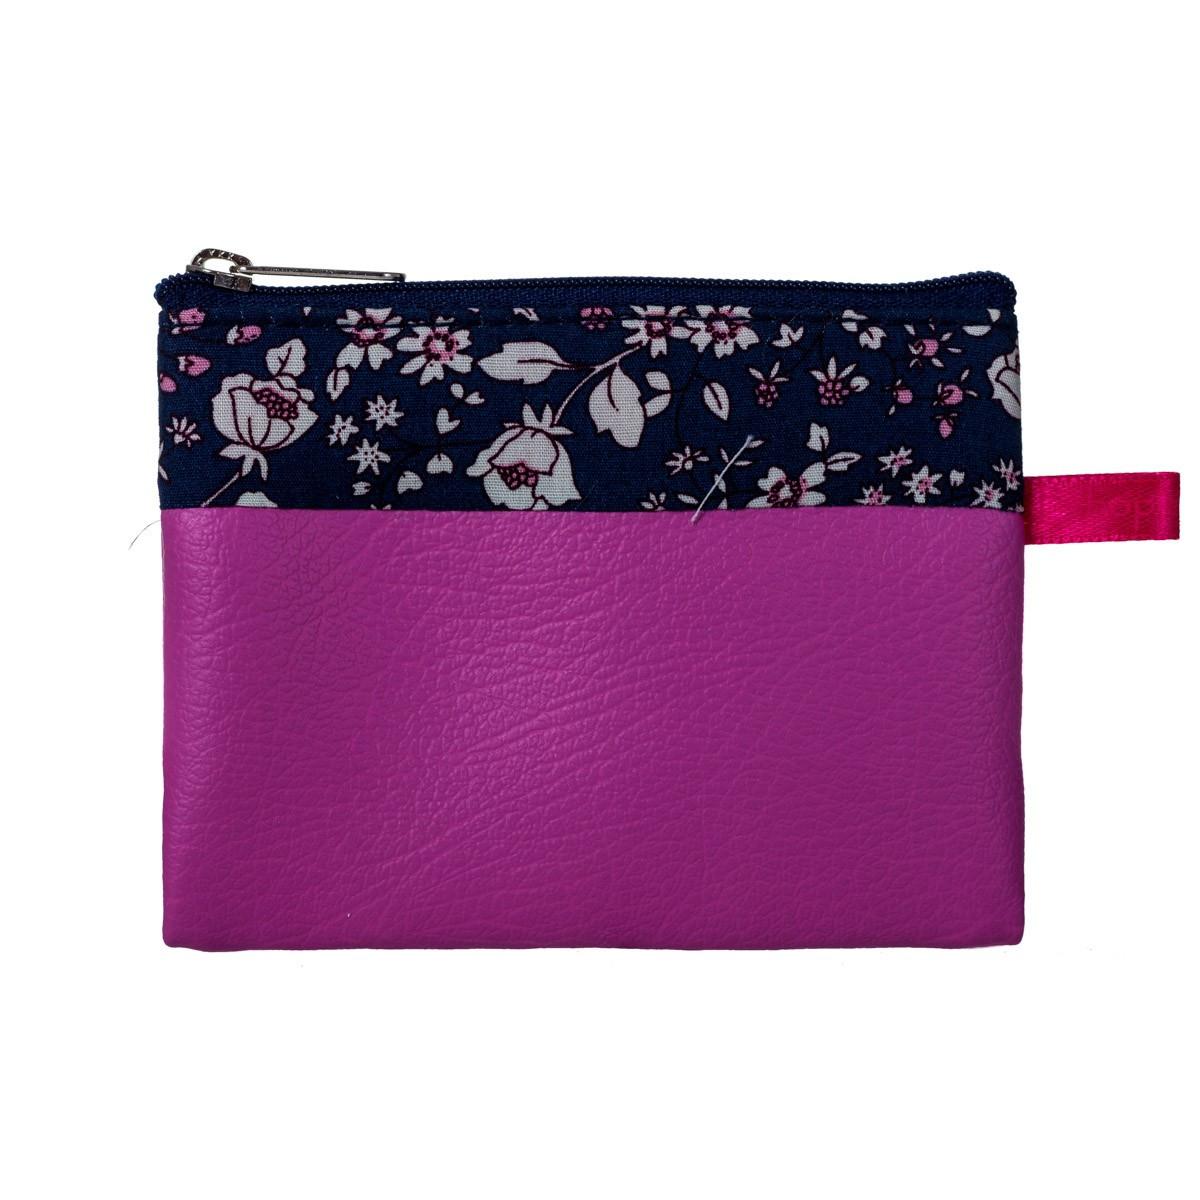 Porte-monnaie pochette zippé fille tissu rose fleurs Zélie